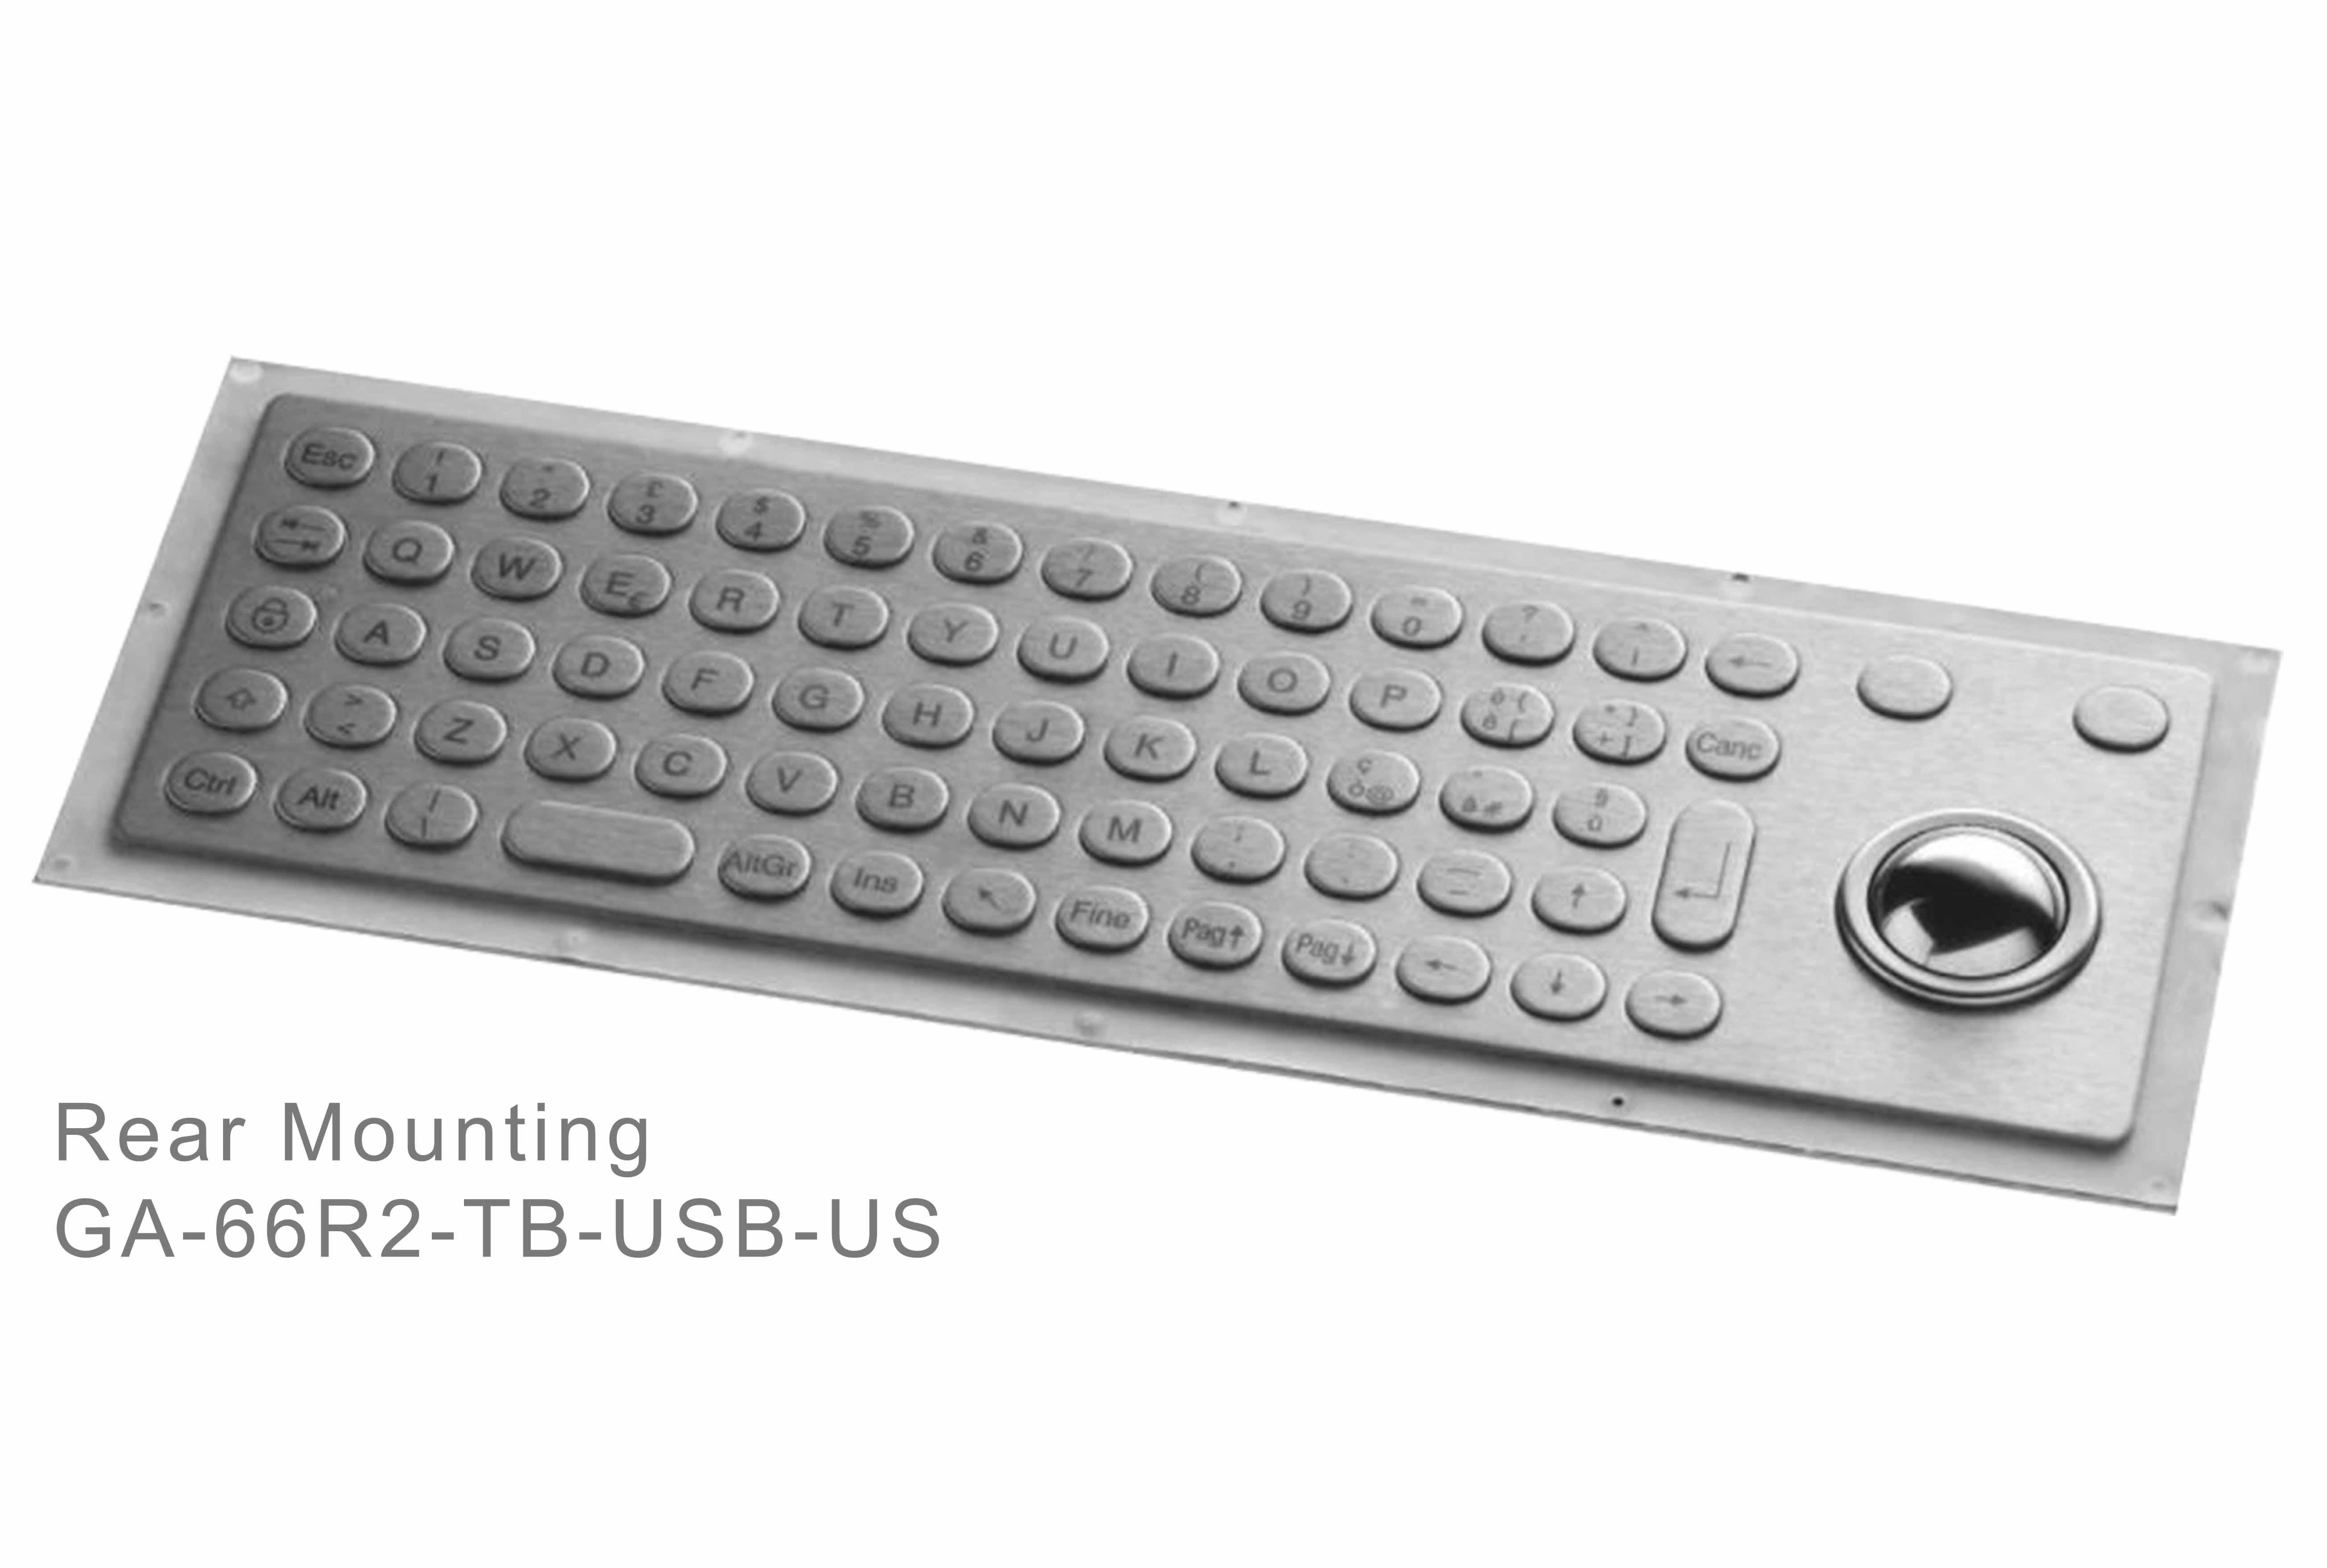 GA-Industrial-Italian Brand-60+Keys Trackball Rear Mounting-L